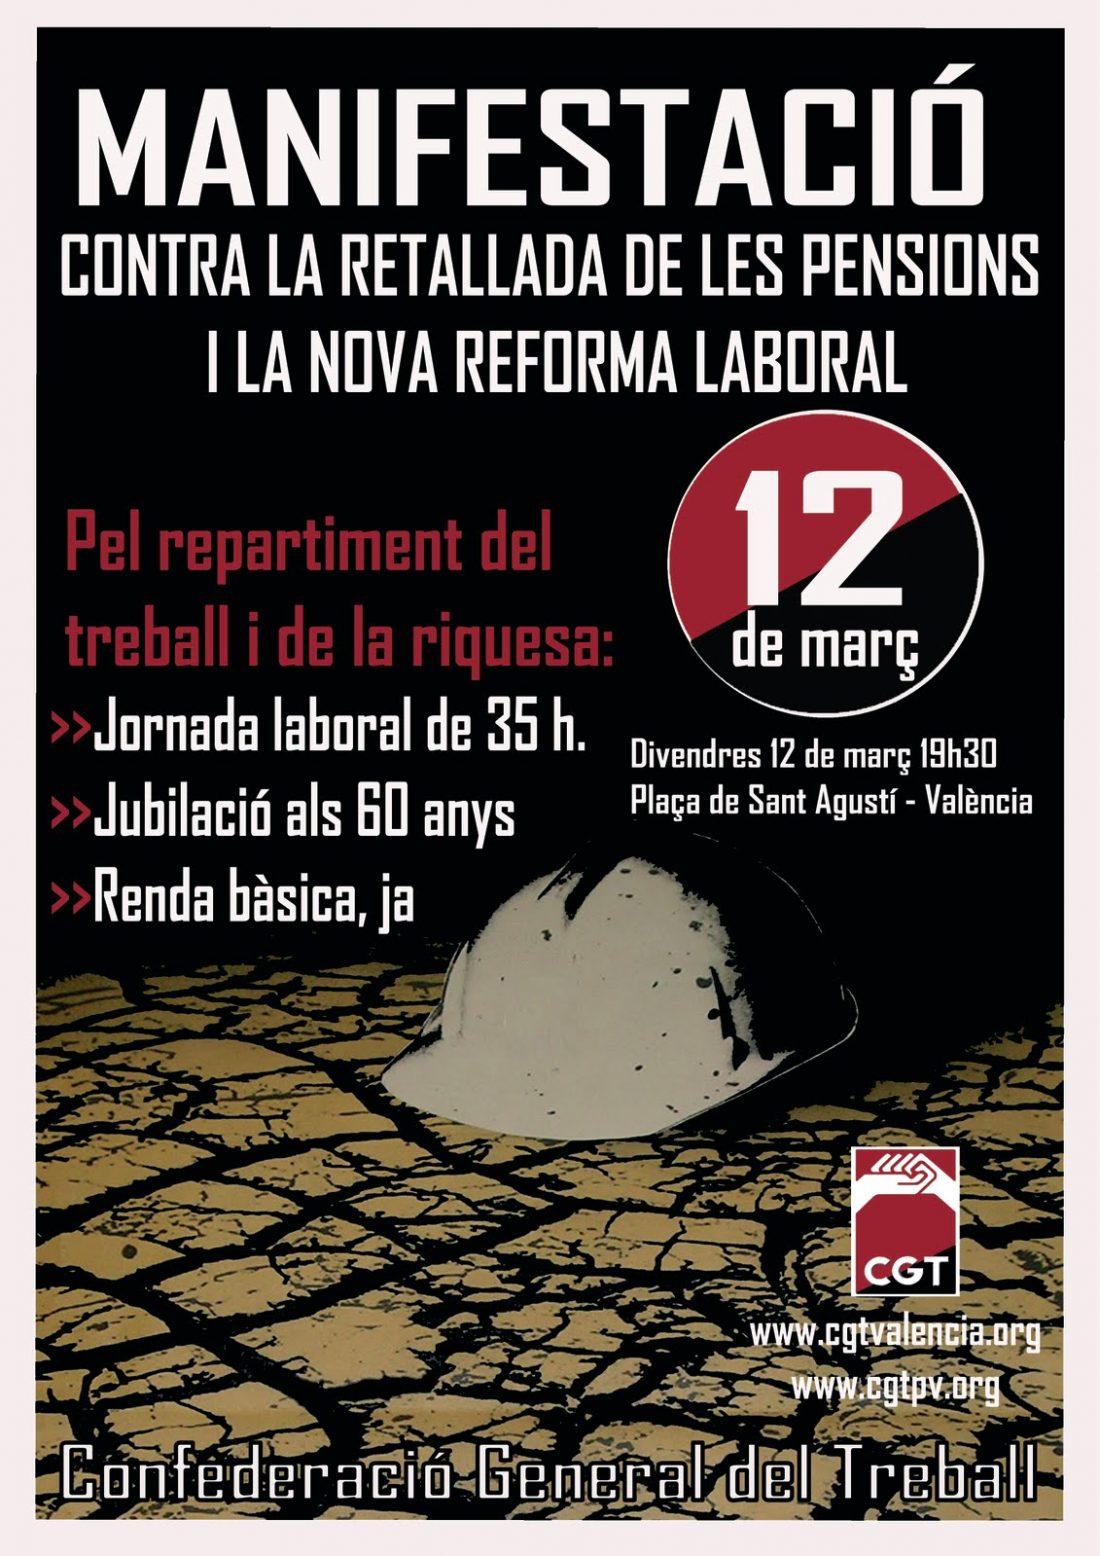 Valencia, 12 de Marzo: Gran manifestación contra la nueva reforma laboral y el recorte de las pensiones